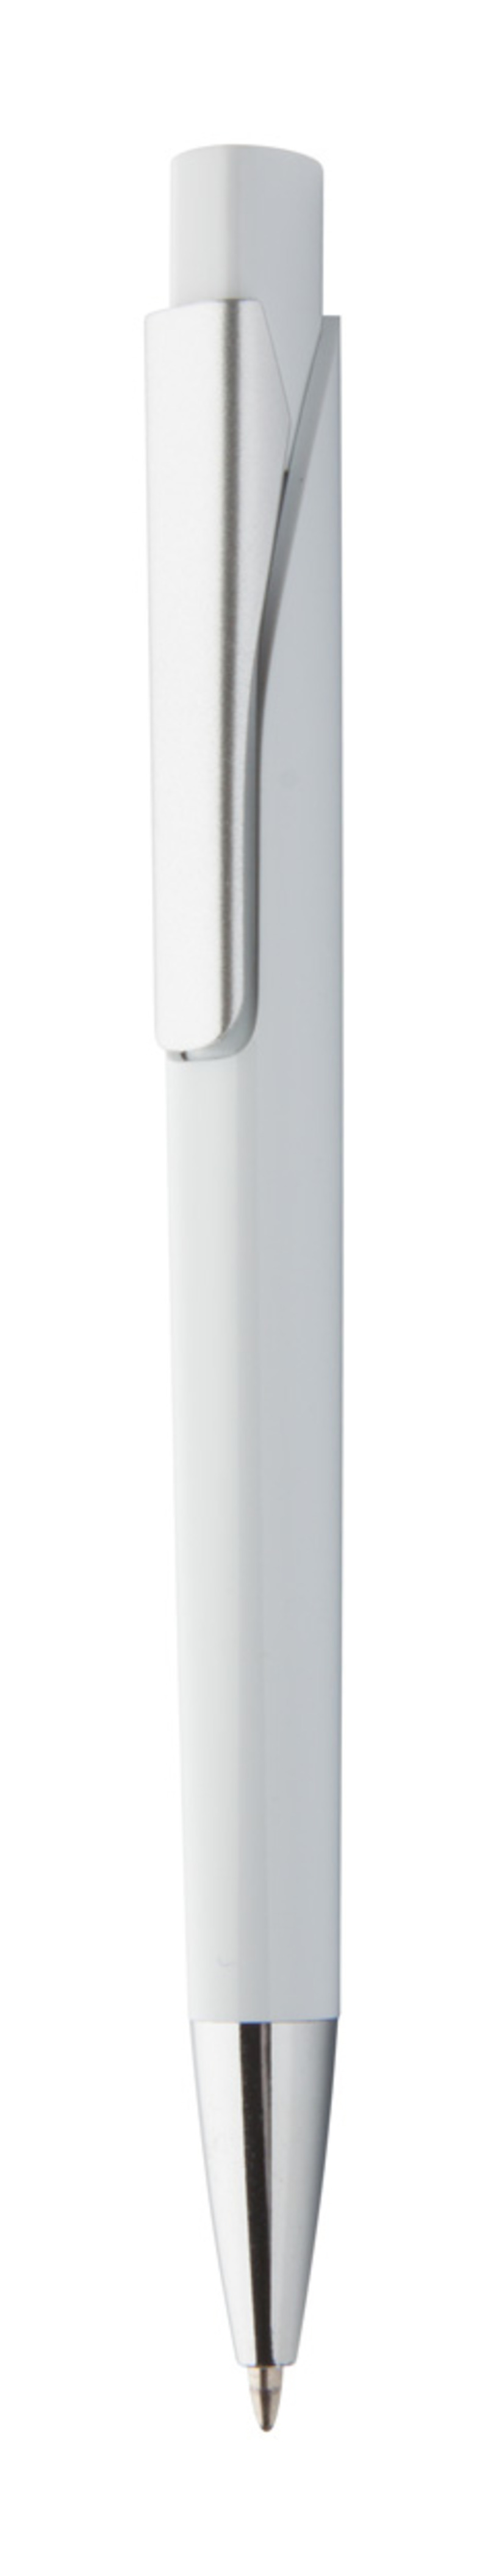 Silter ballpoint pen